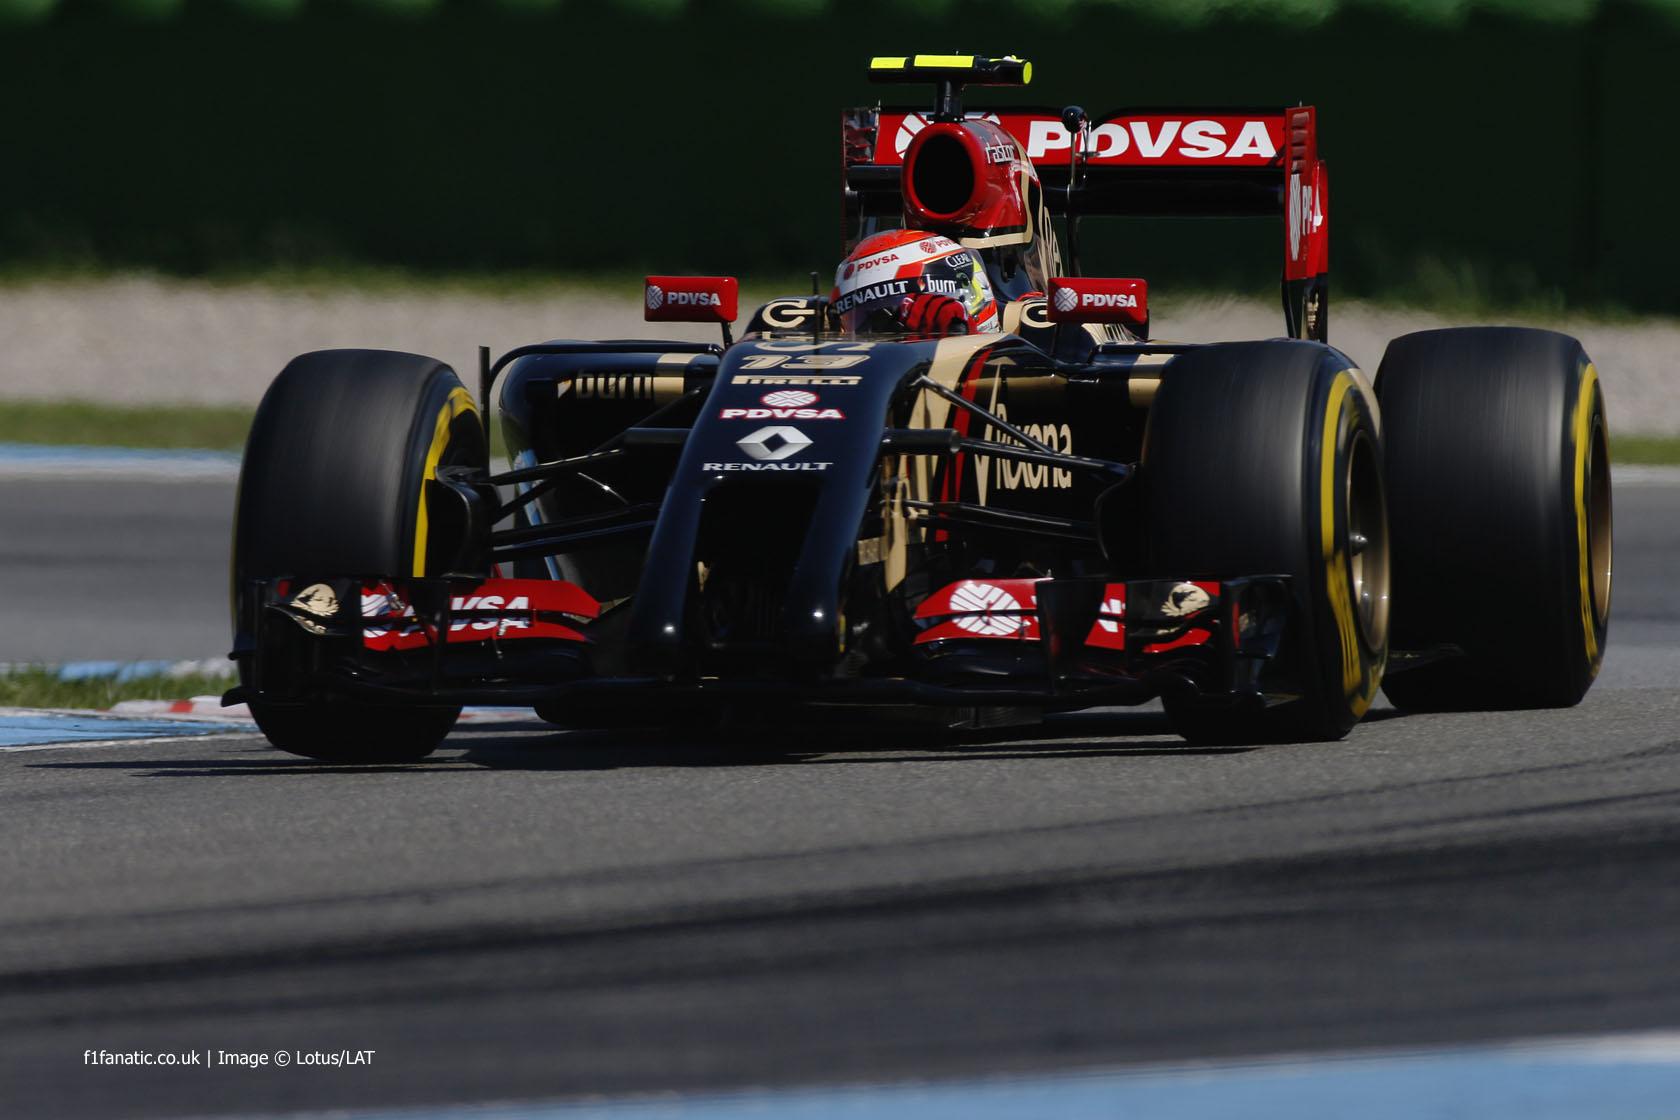 Pastor Maldonado, Lotus, Hockenheimring, 2014